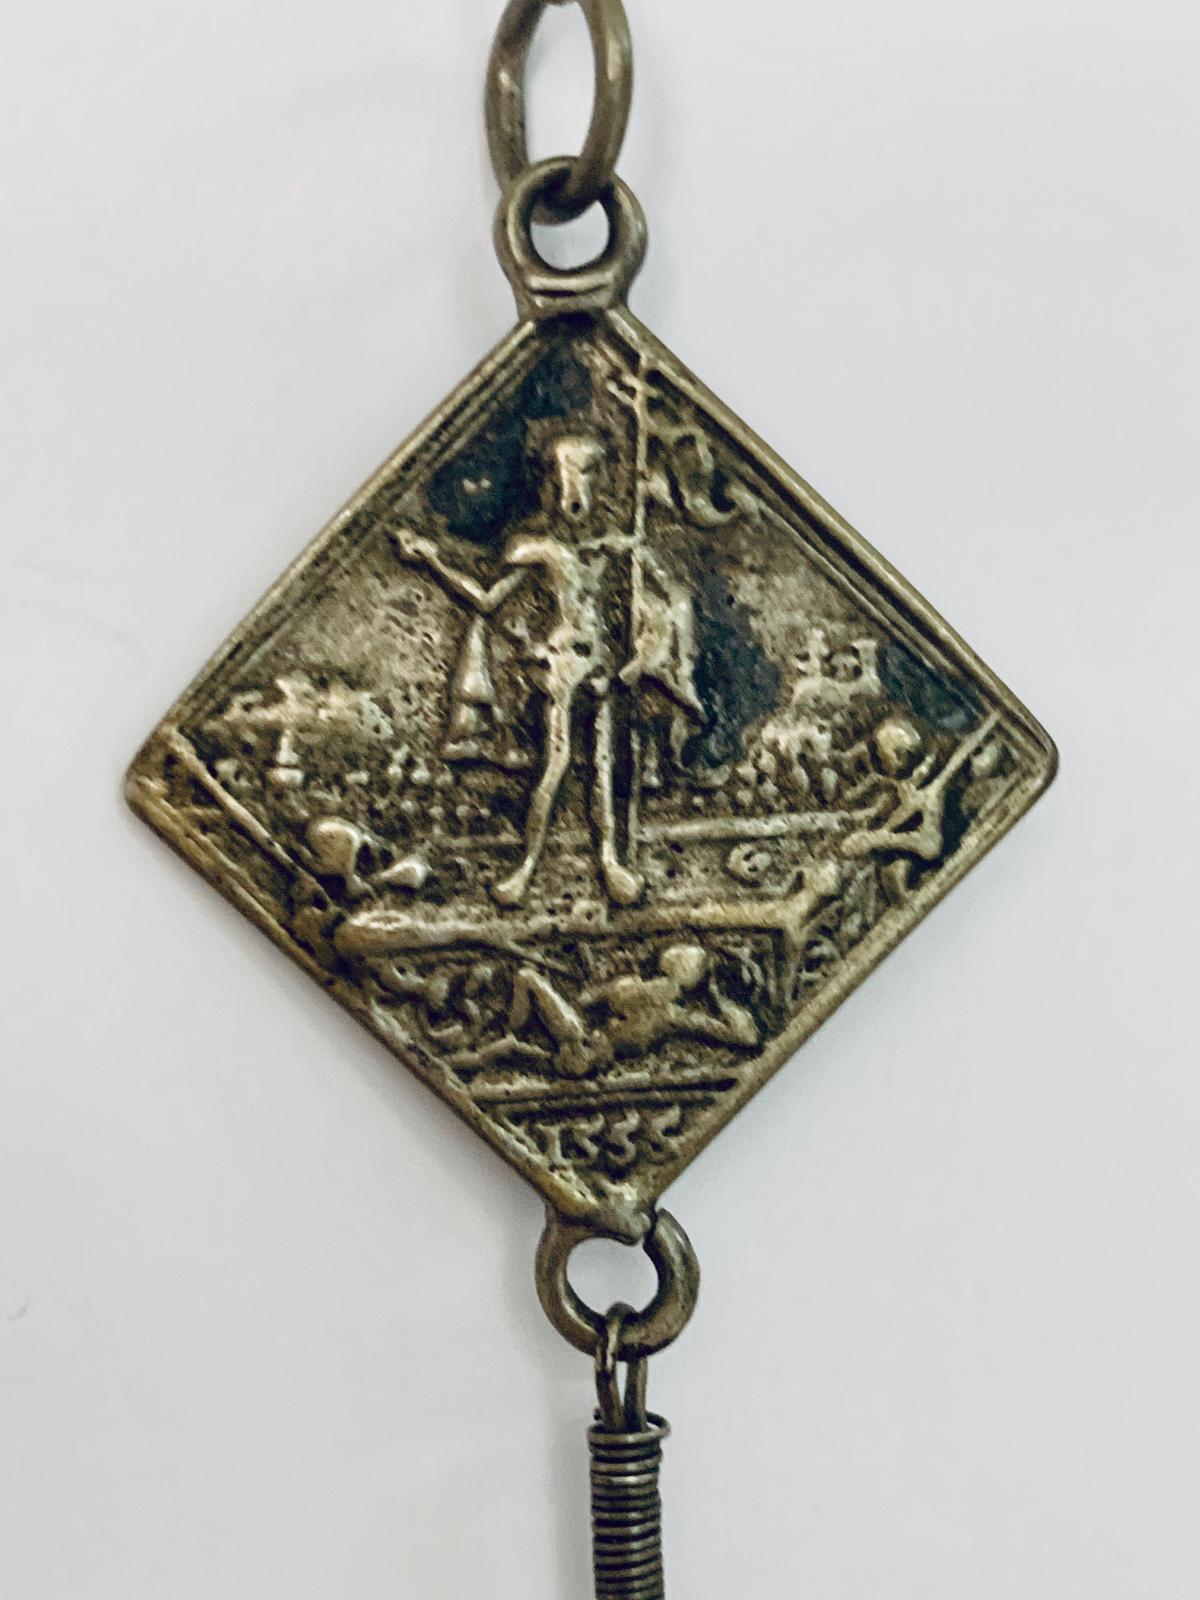 Medalla de Cristo Resucitado / Agnus Dei - s. XVI -1555- MR(250) (R.M. SXVI-Ot2 68bd4712